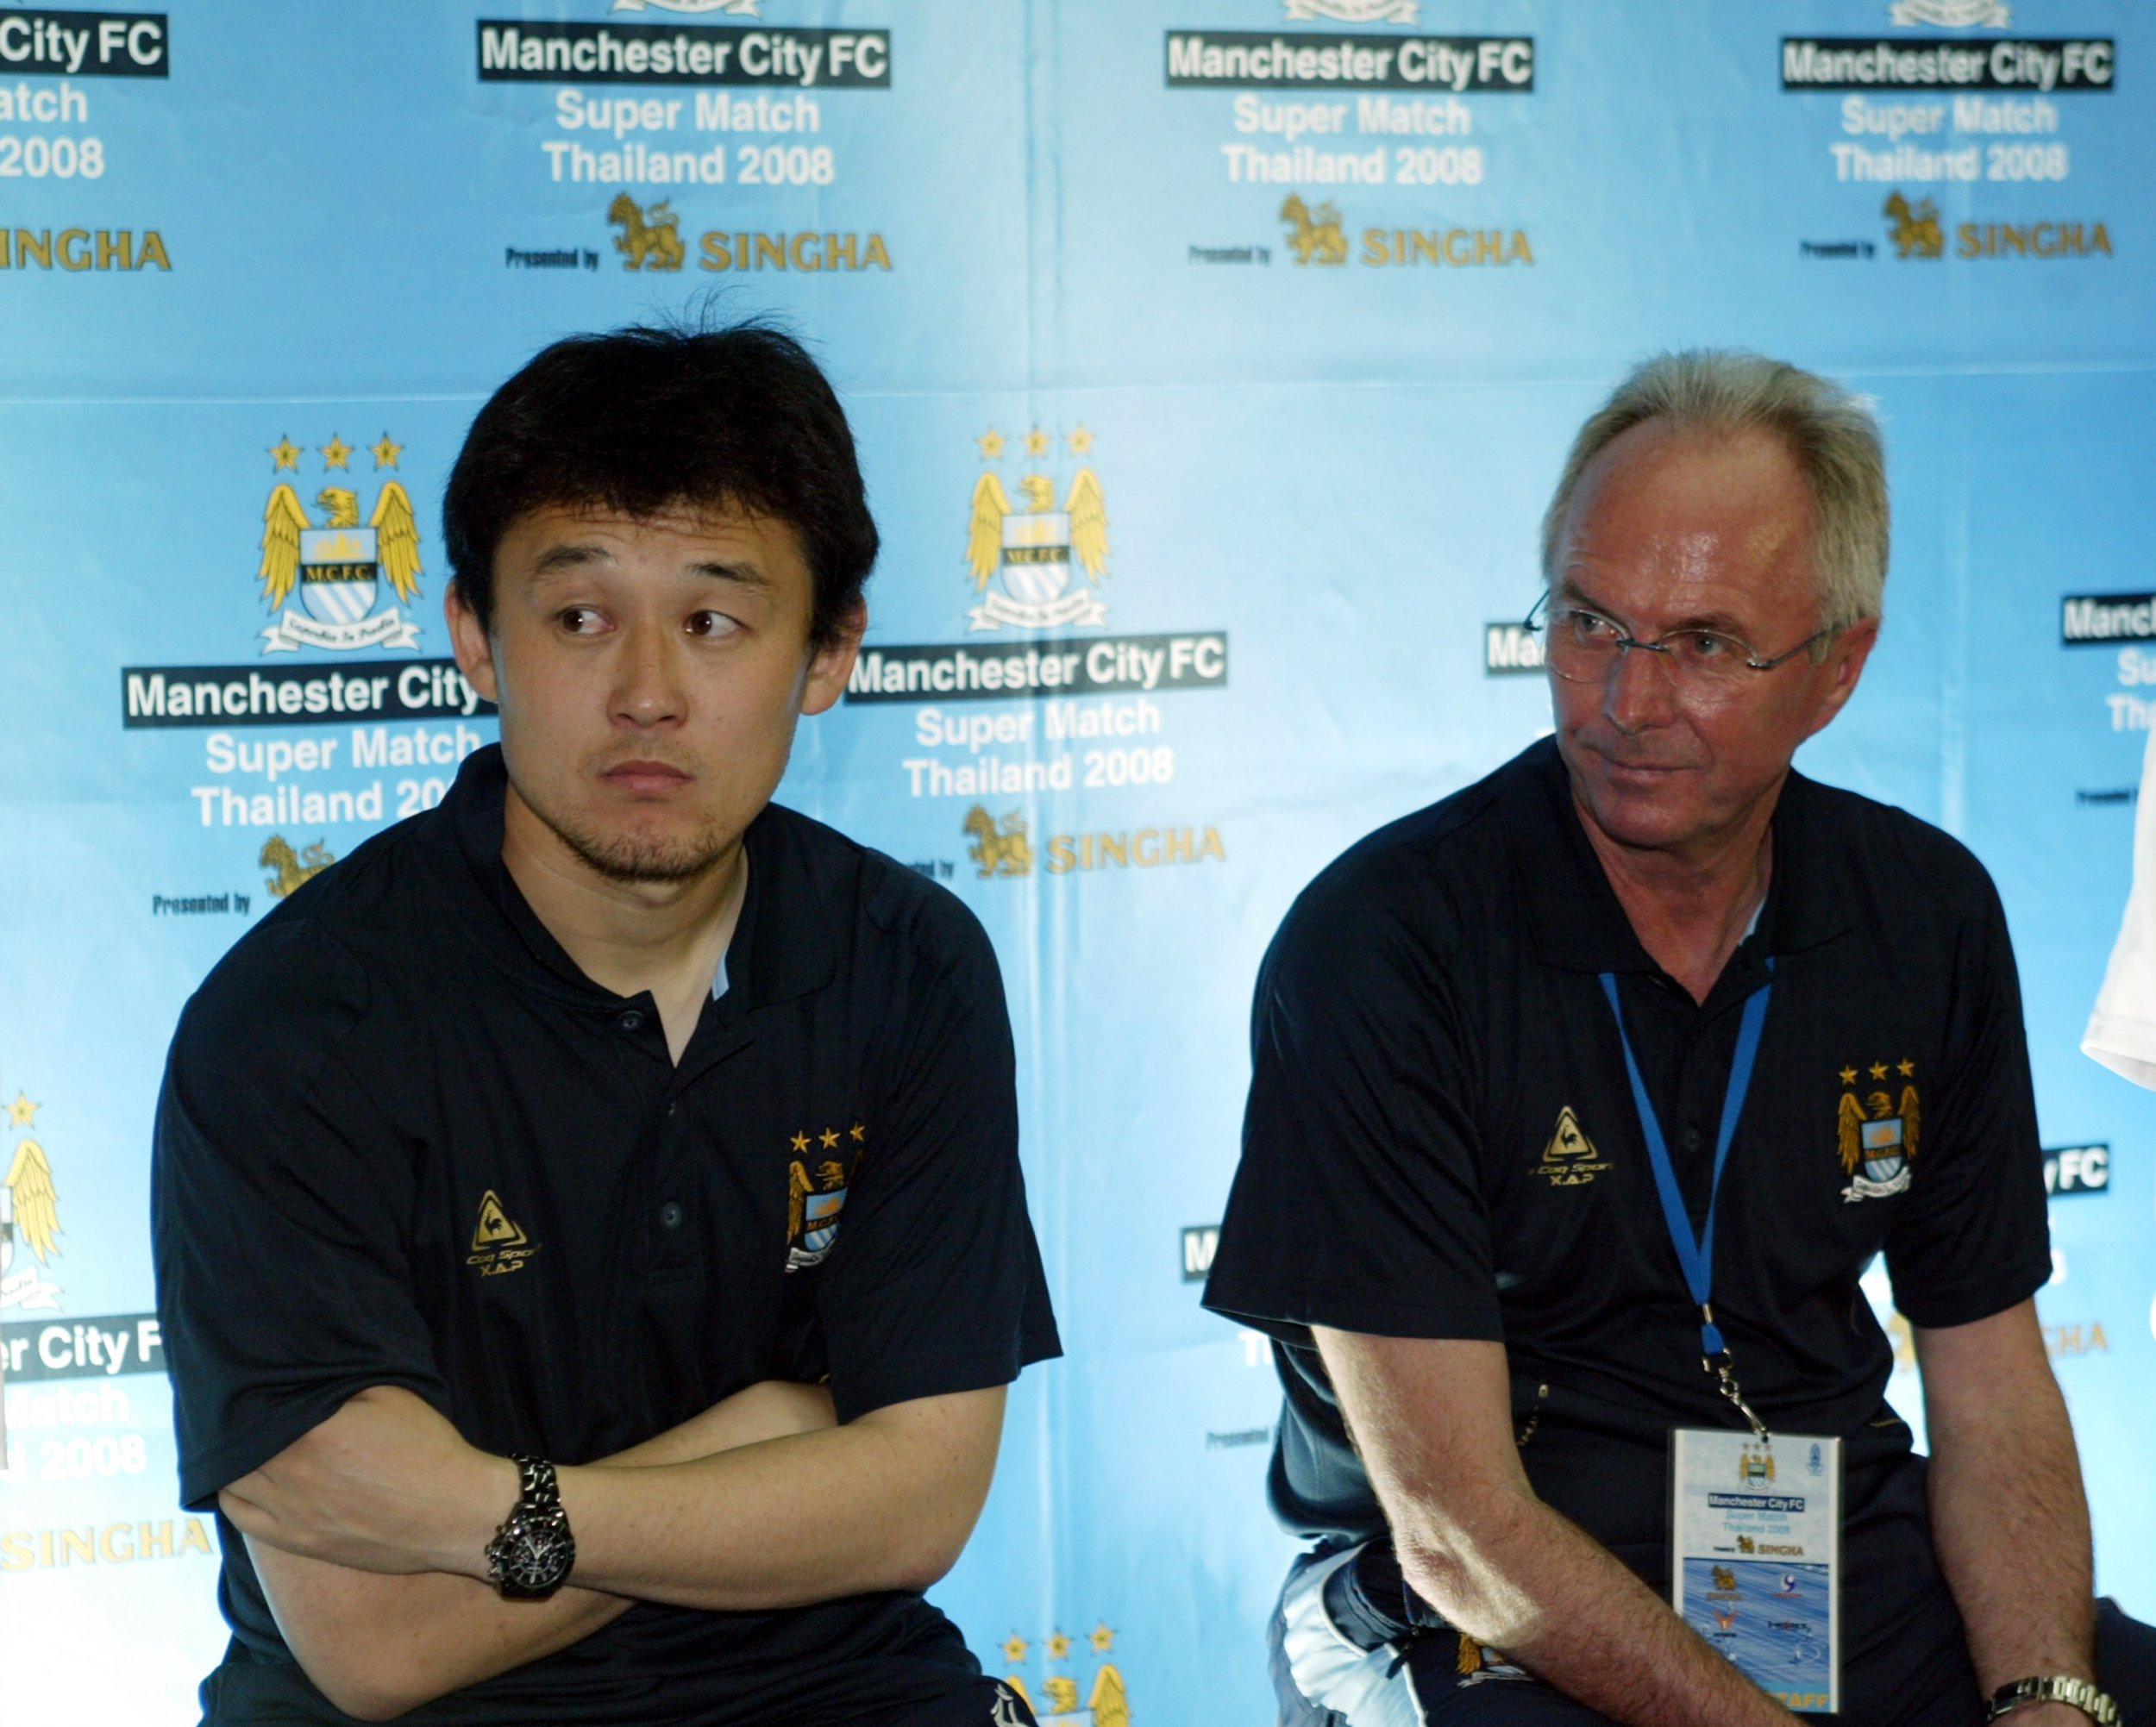 Former Manchester City defender Sun Jihai, left.